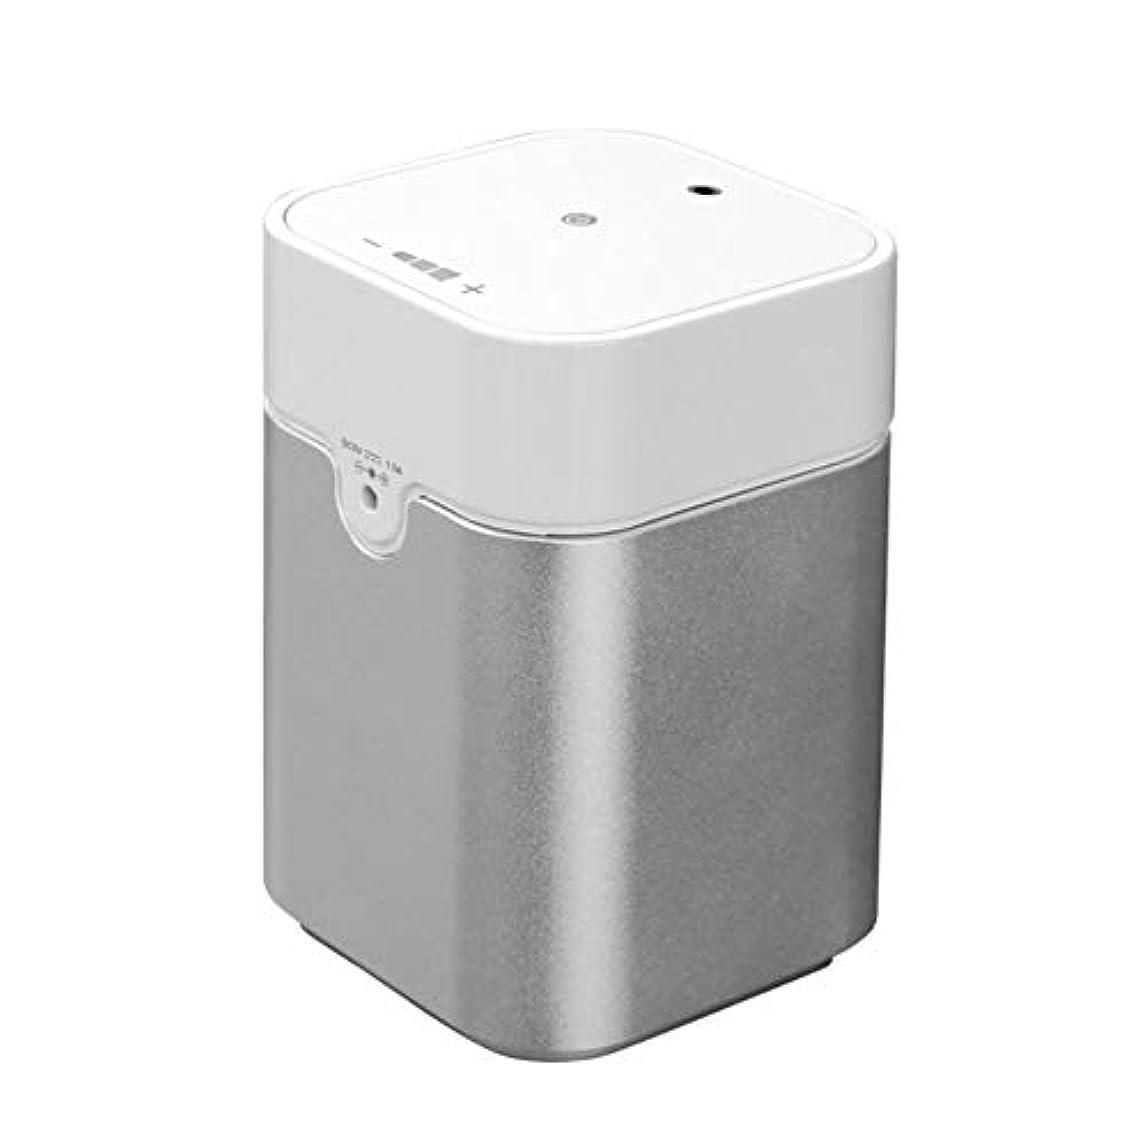 見せます非互換熱心なアロマディフューザー アロマオイル アロマバーナー アロマライト ホテル ヨガ室 整体院人気 ネブライザー式 タイマー機能 量調整可能 小型 水を使わない ダイレクトオイル 製油瓶直噴式 超音波式 USB 卓上 油性 水性 静音 充電式